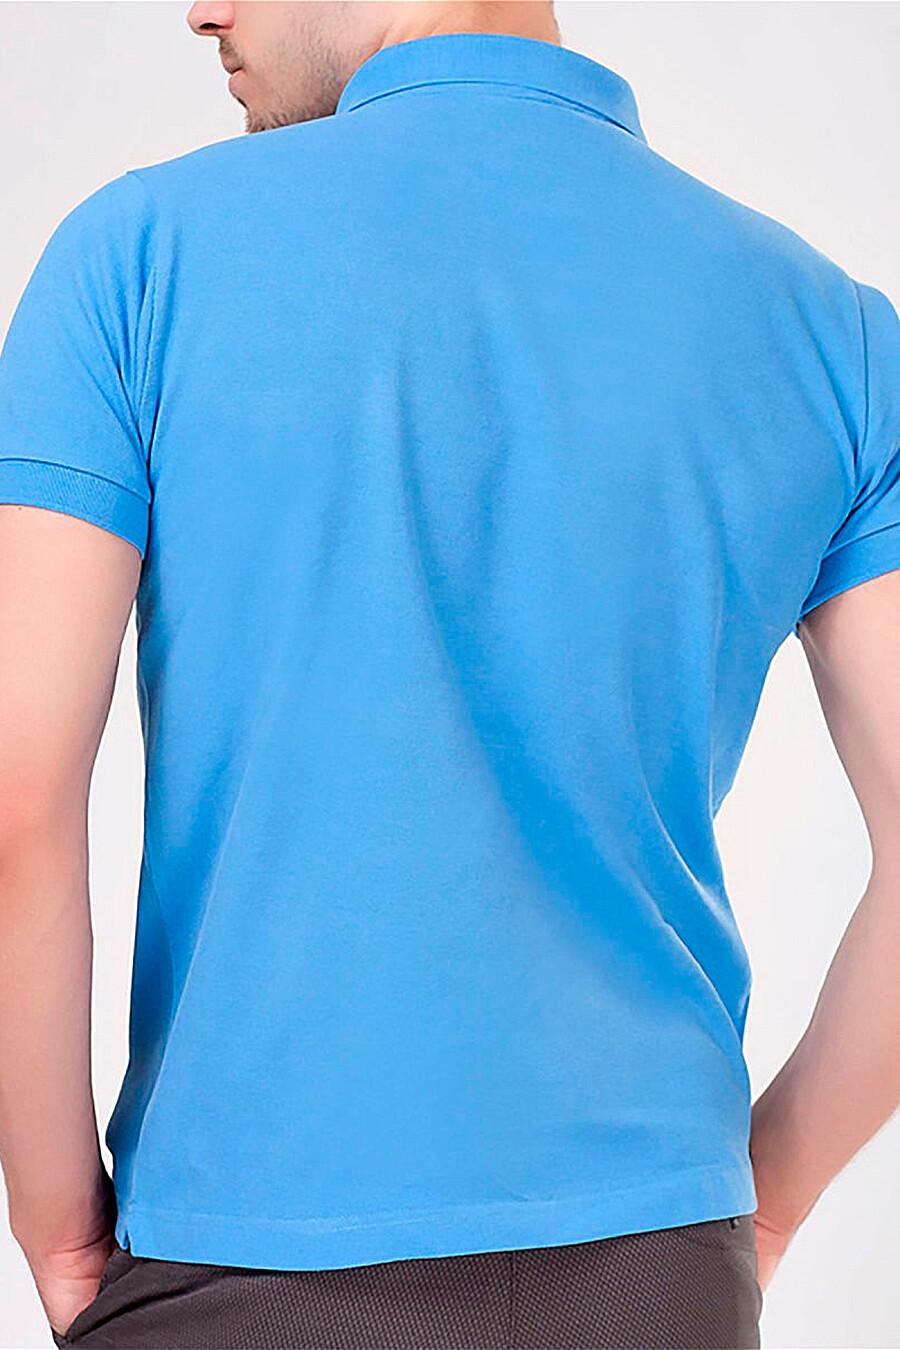 Футболка для мужчин OPIUM 649380 купить оптом от производителя. Совместная покупка мужской одежды в OptMoyo